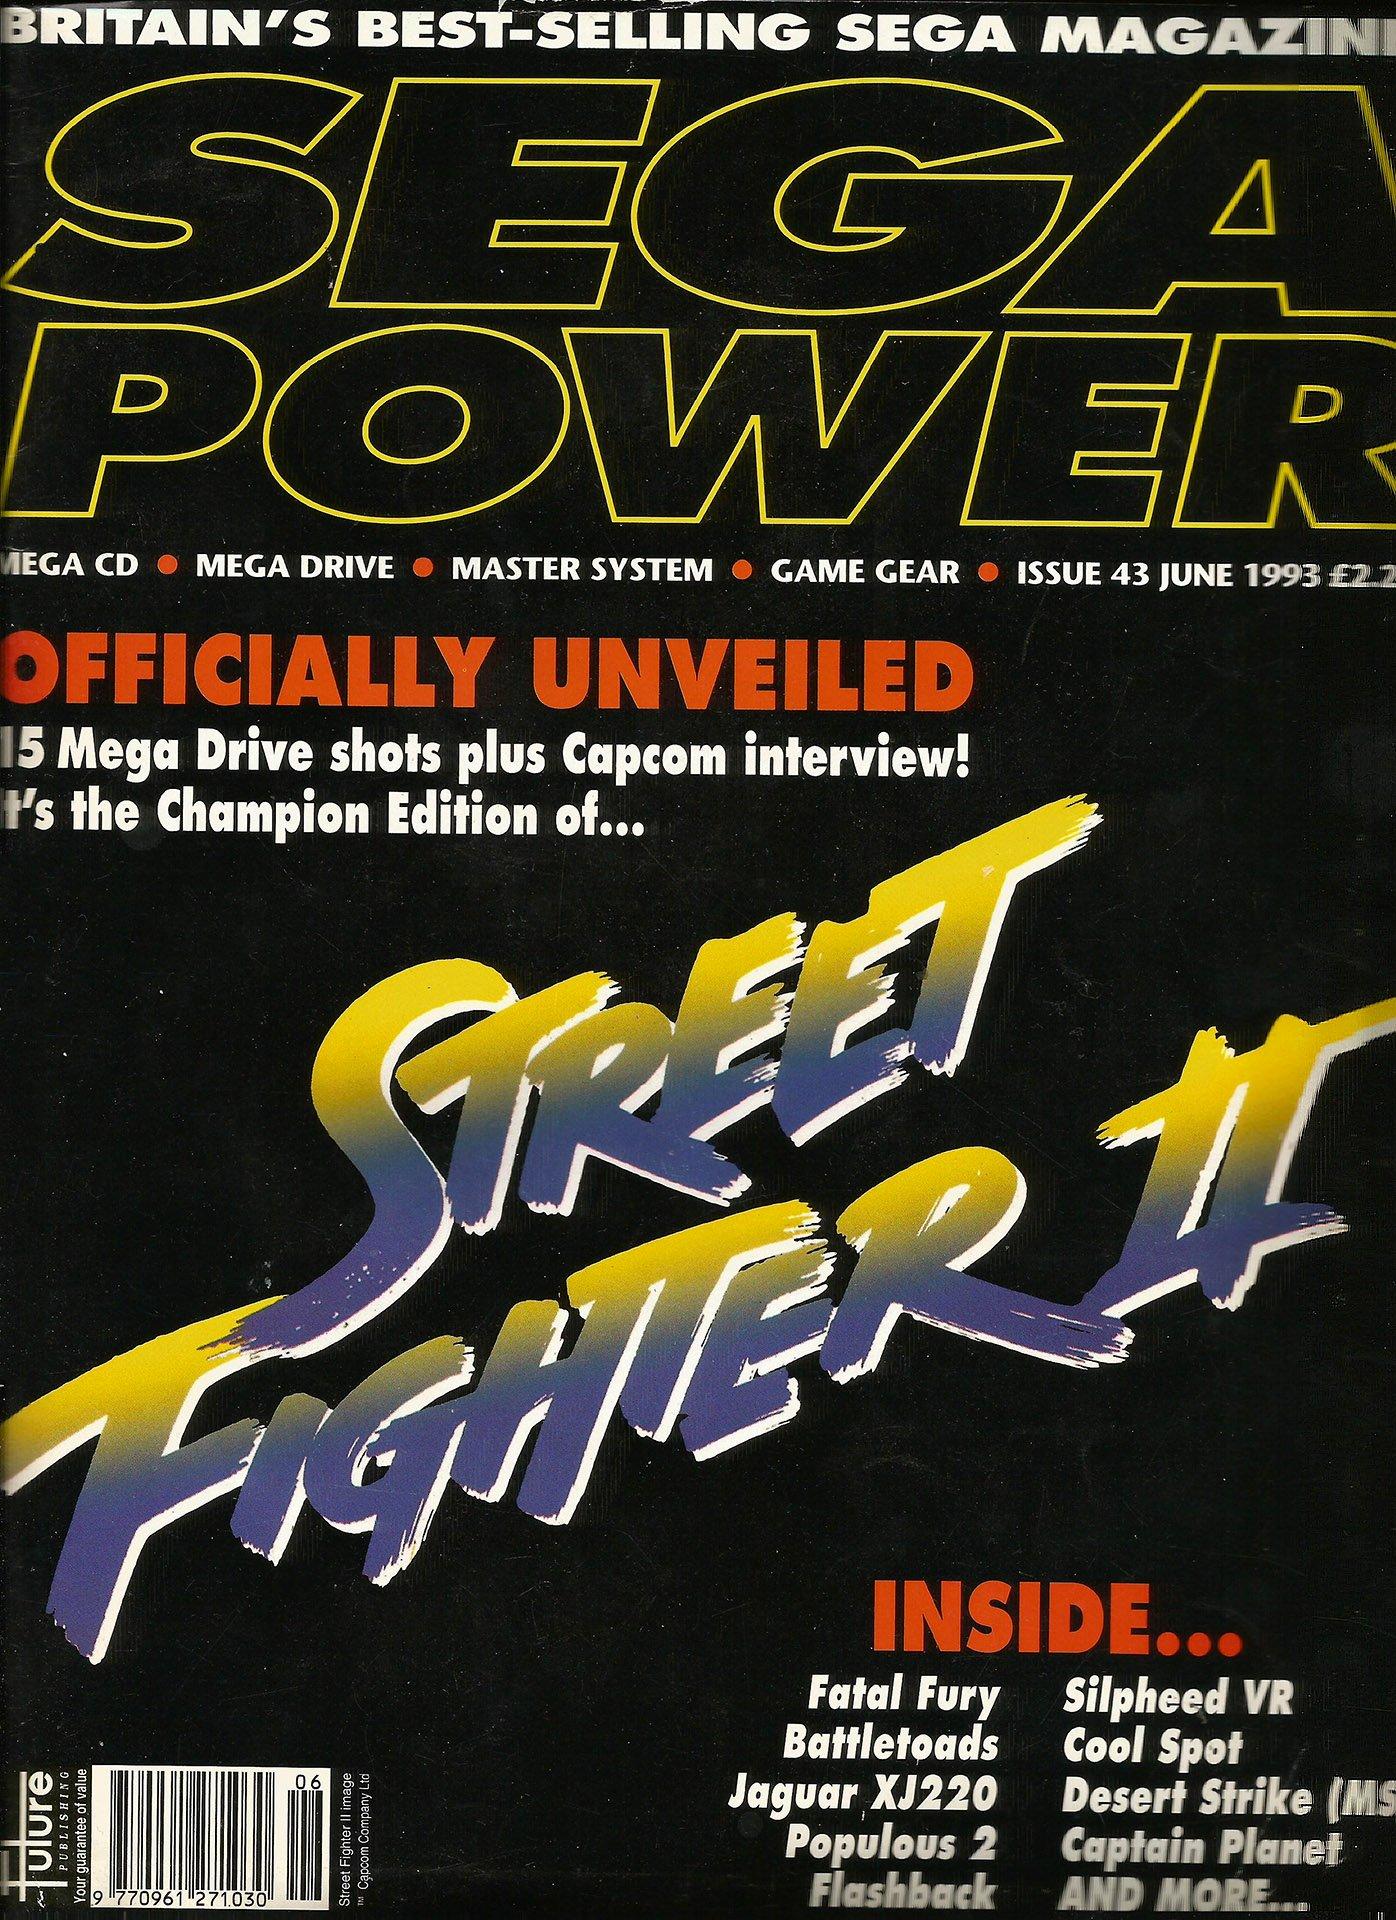 Sega Power Issue 43 (June 1993)